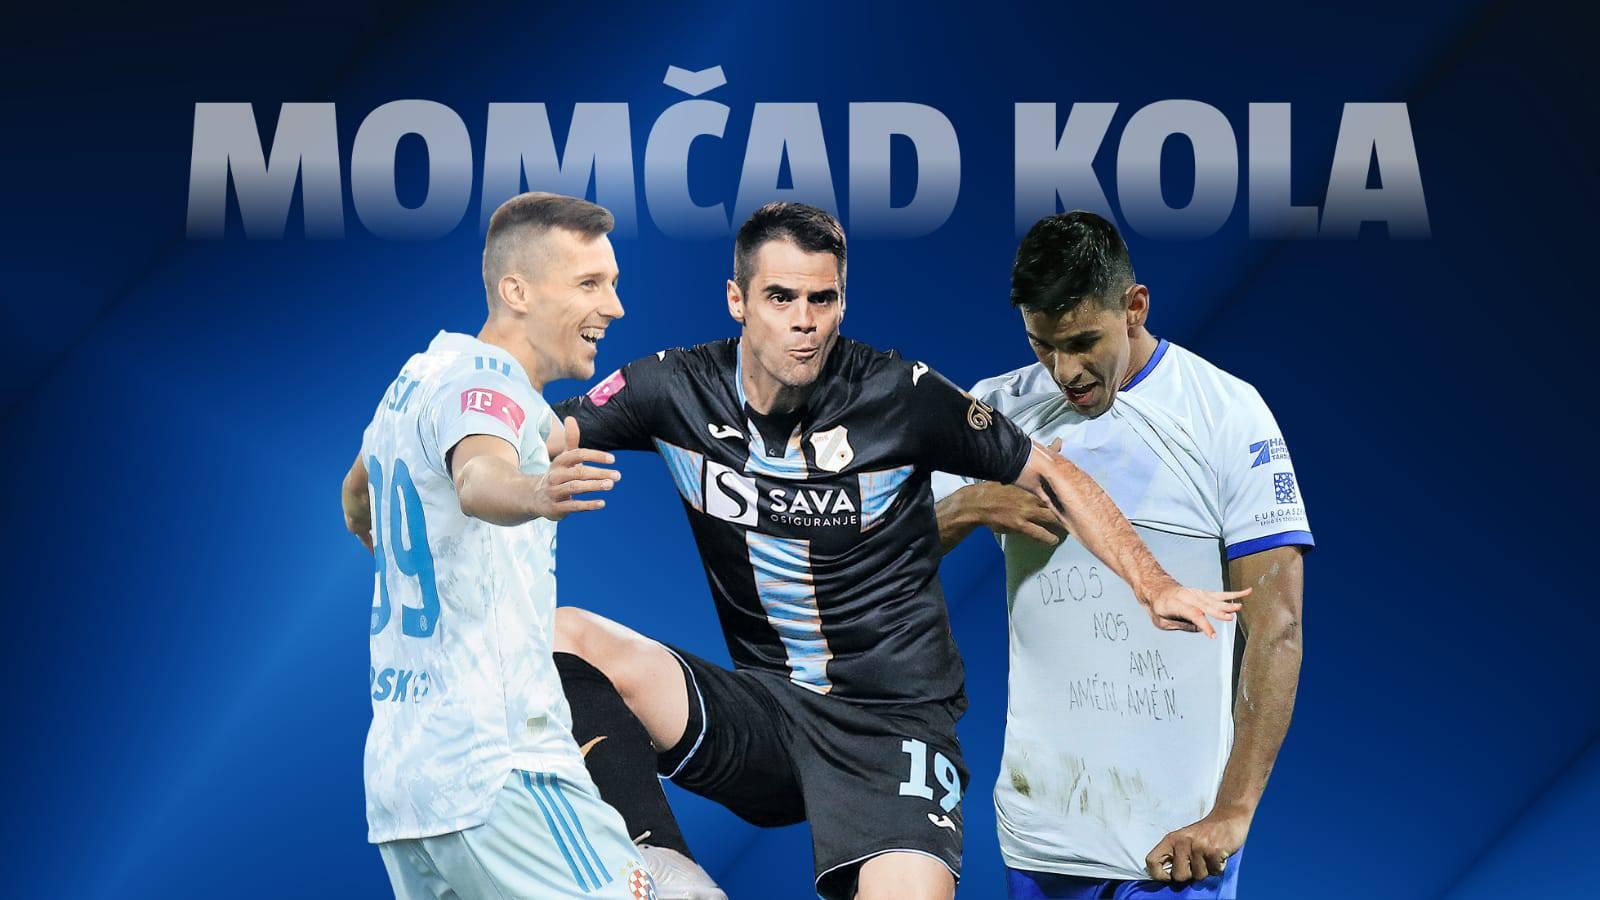 Hamadu je Hajduk baš omiljena žrtva, Jurčević je Bjeličin jackpot